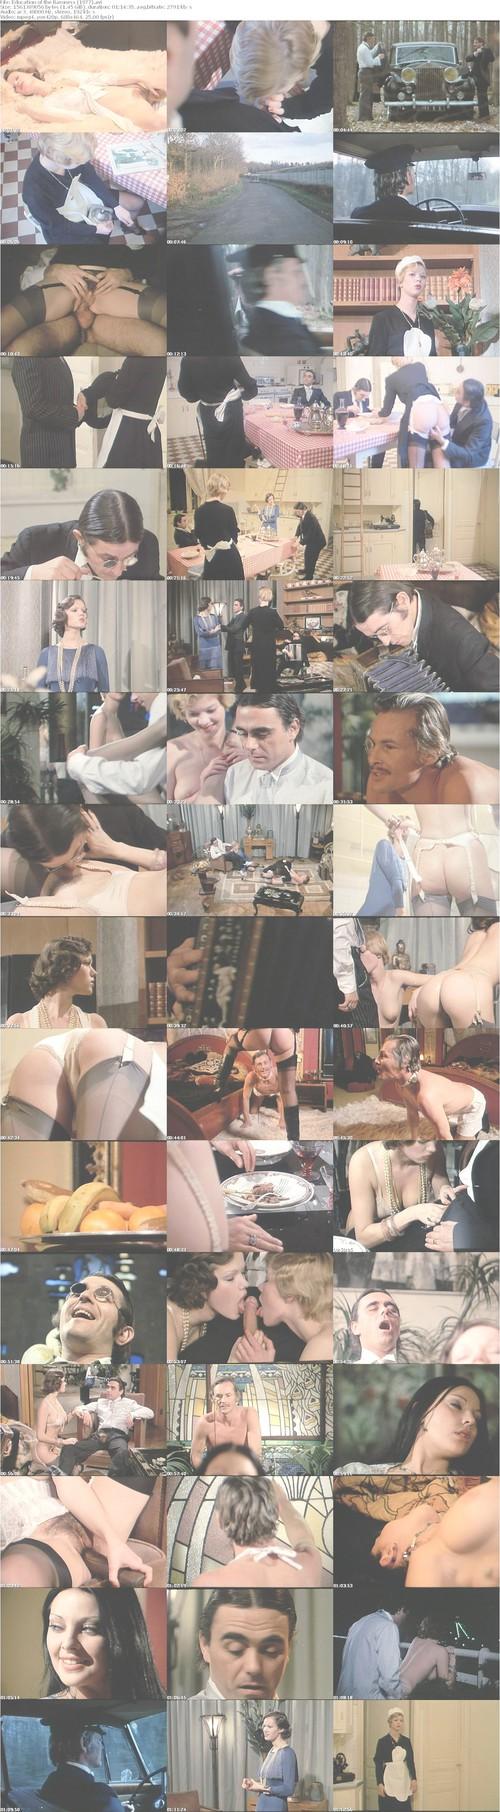 porno-tetka-video